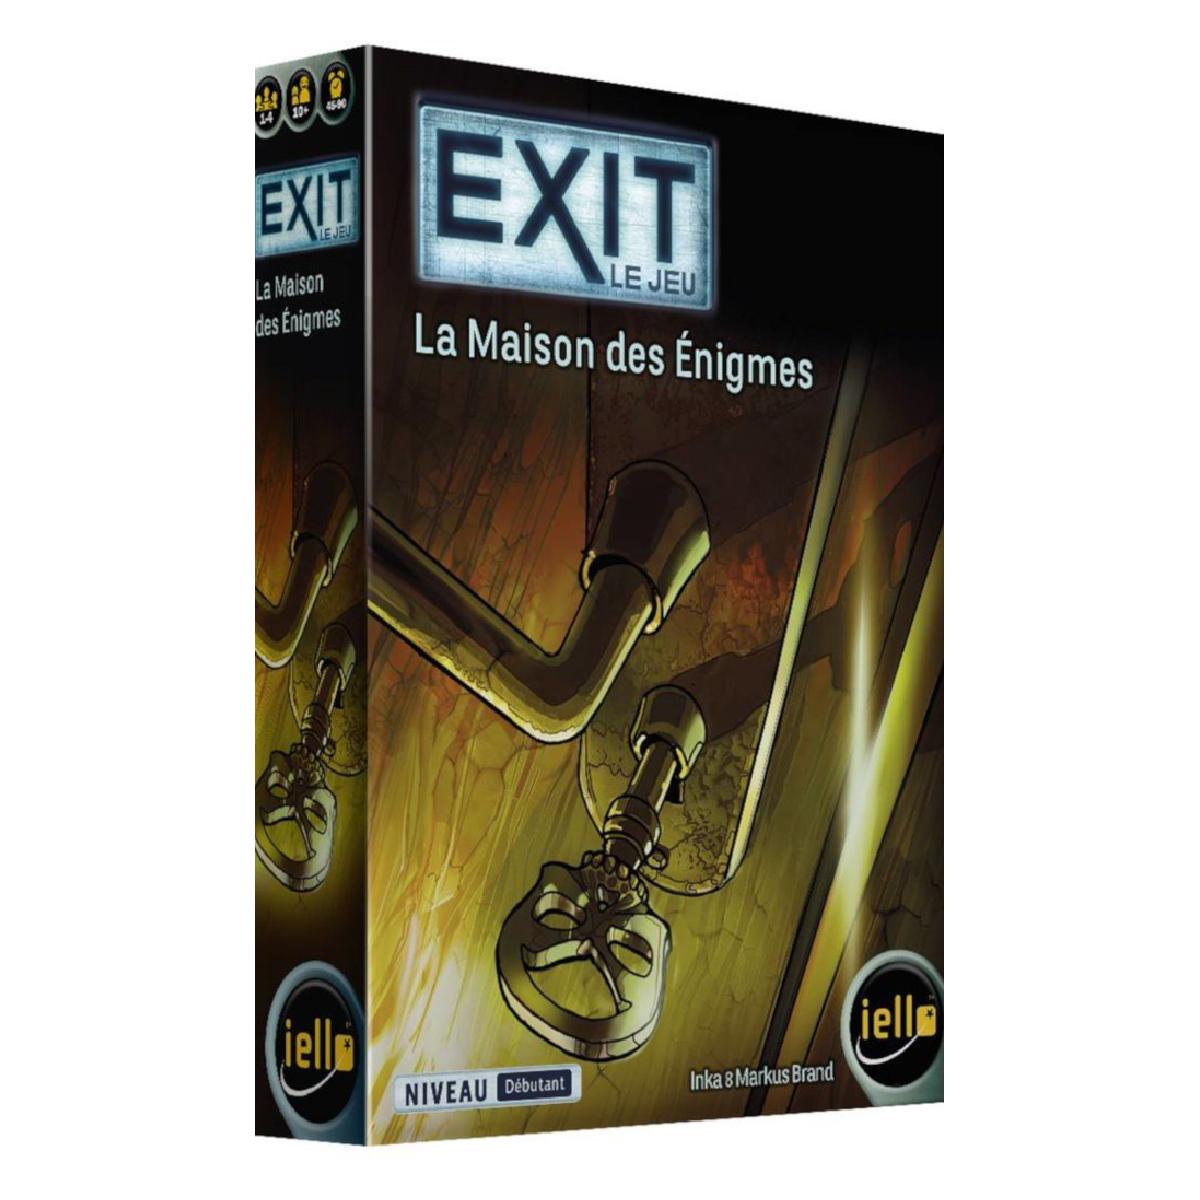 Exit - La maison des Énigmes | 19,99$ | Achat seulement